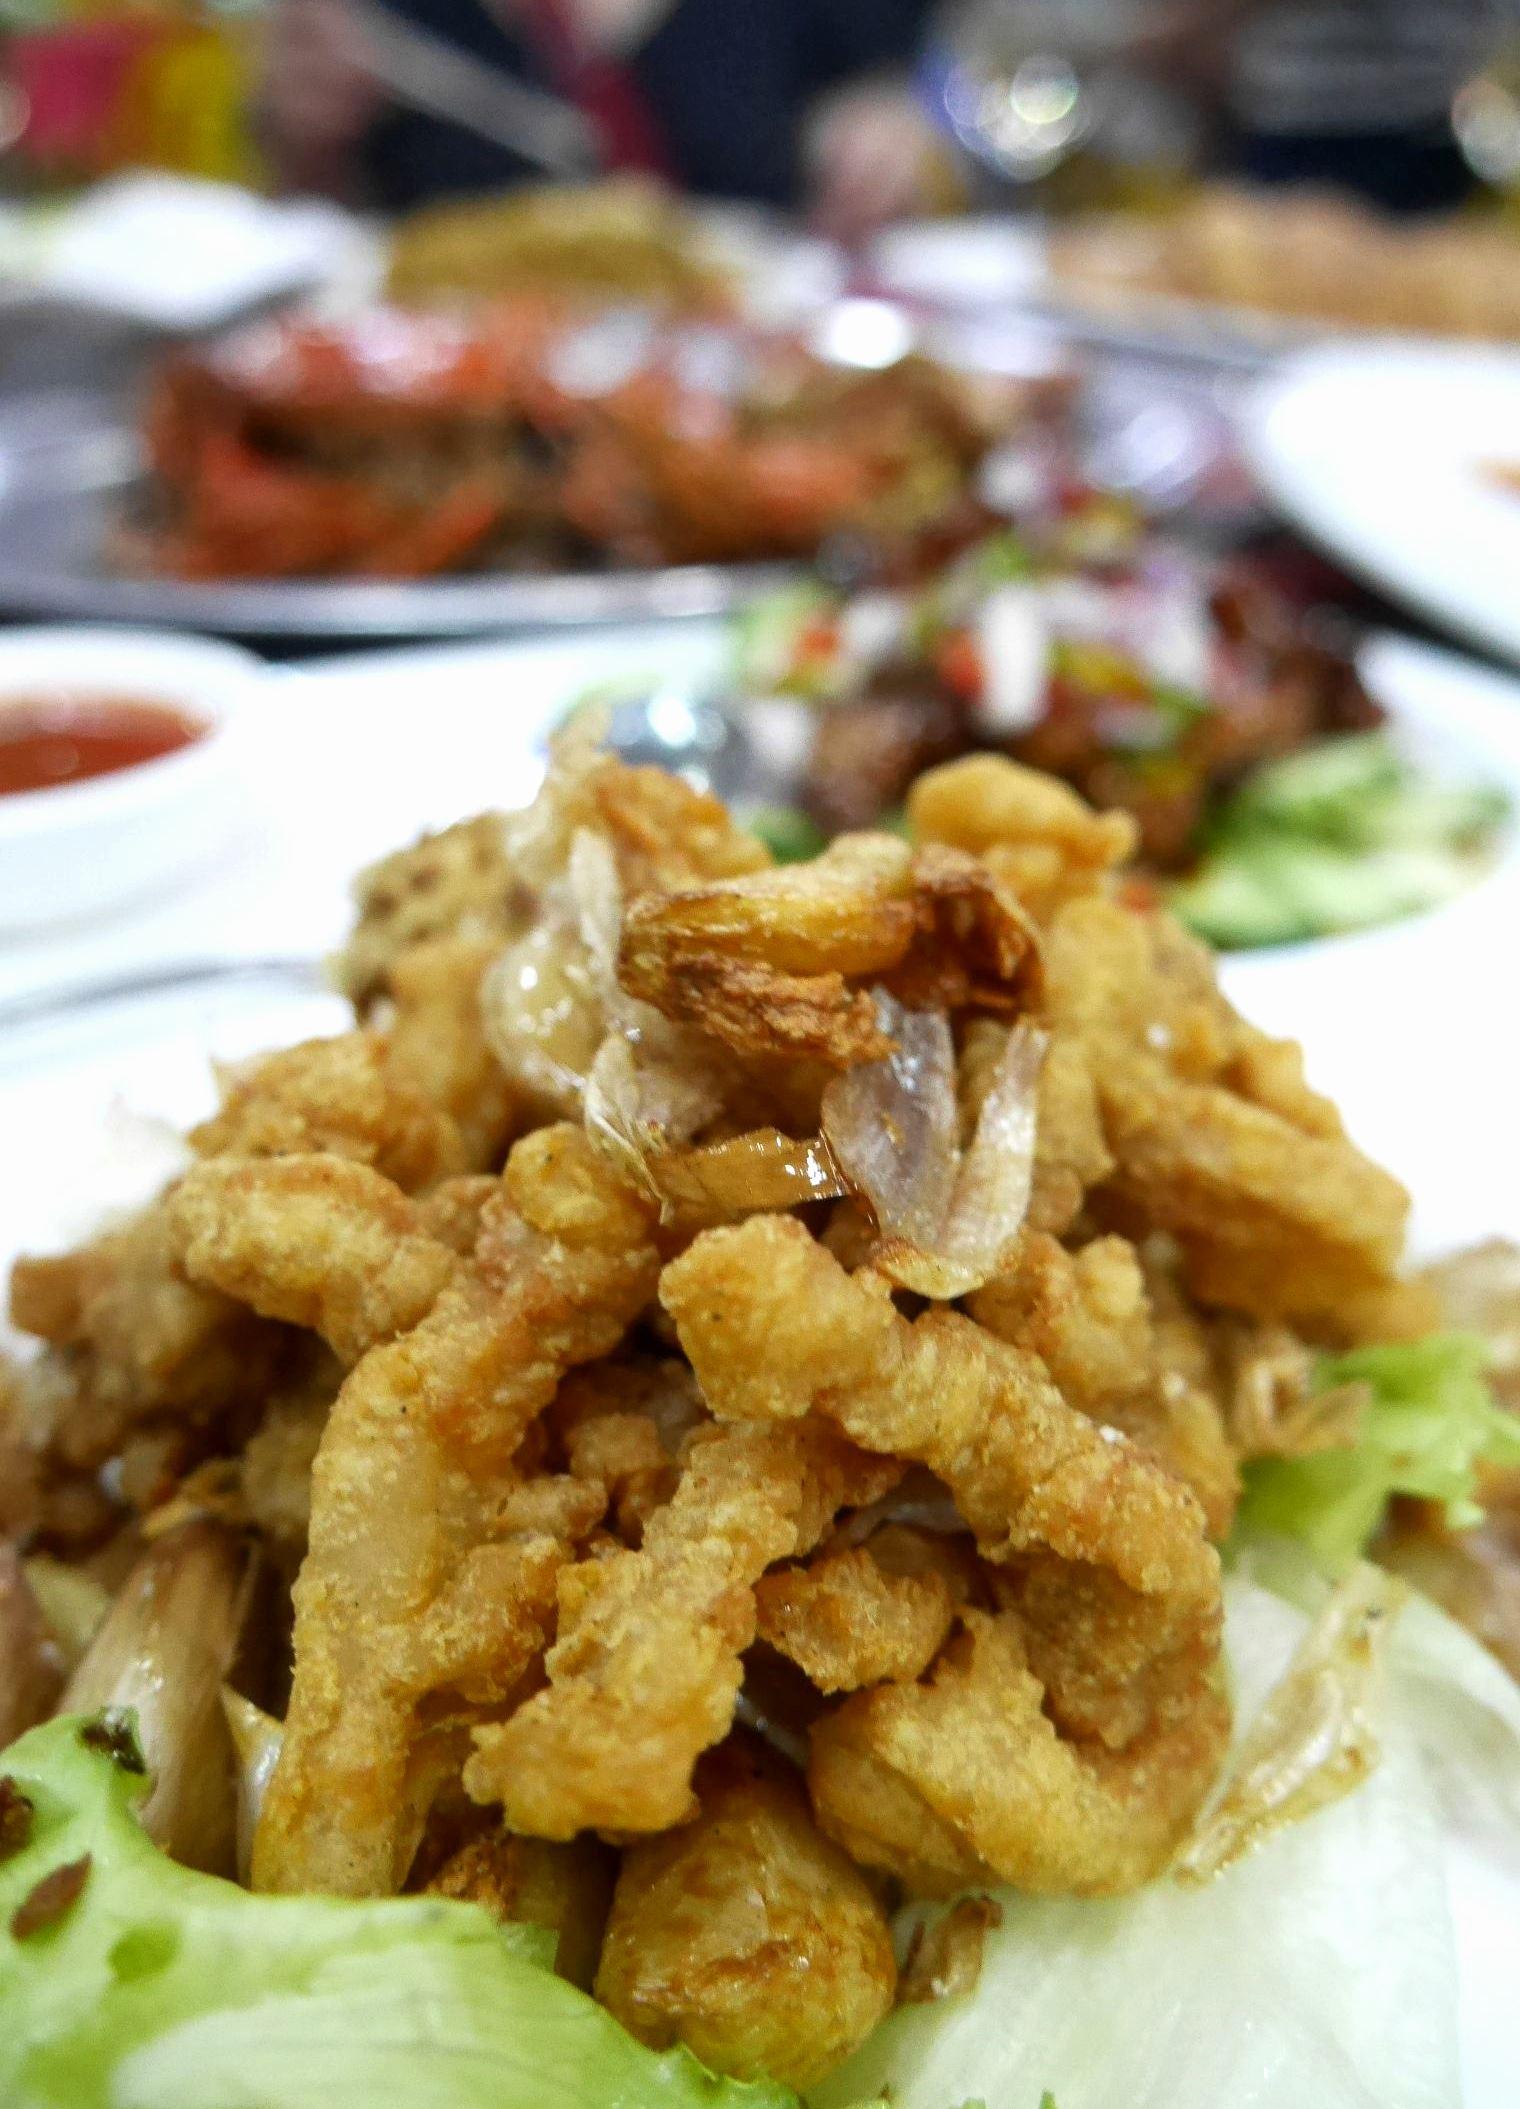 Pork two-ways - 1. Crispy deep-fried strips